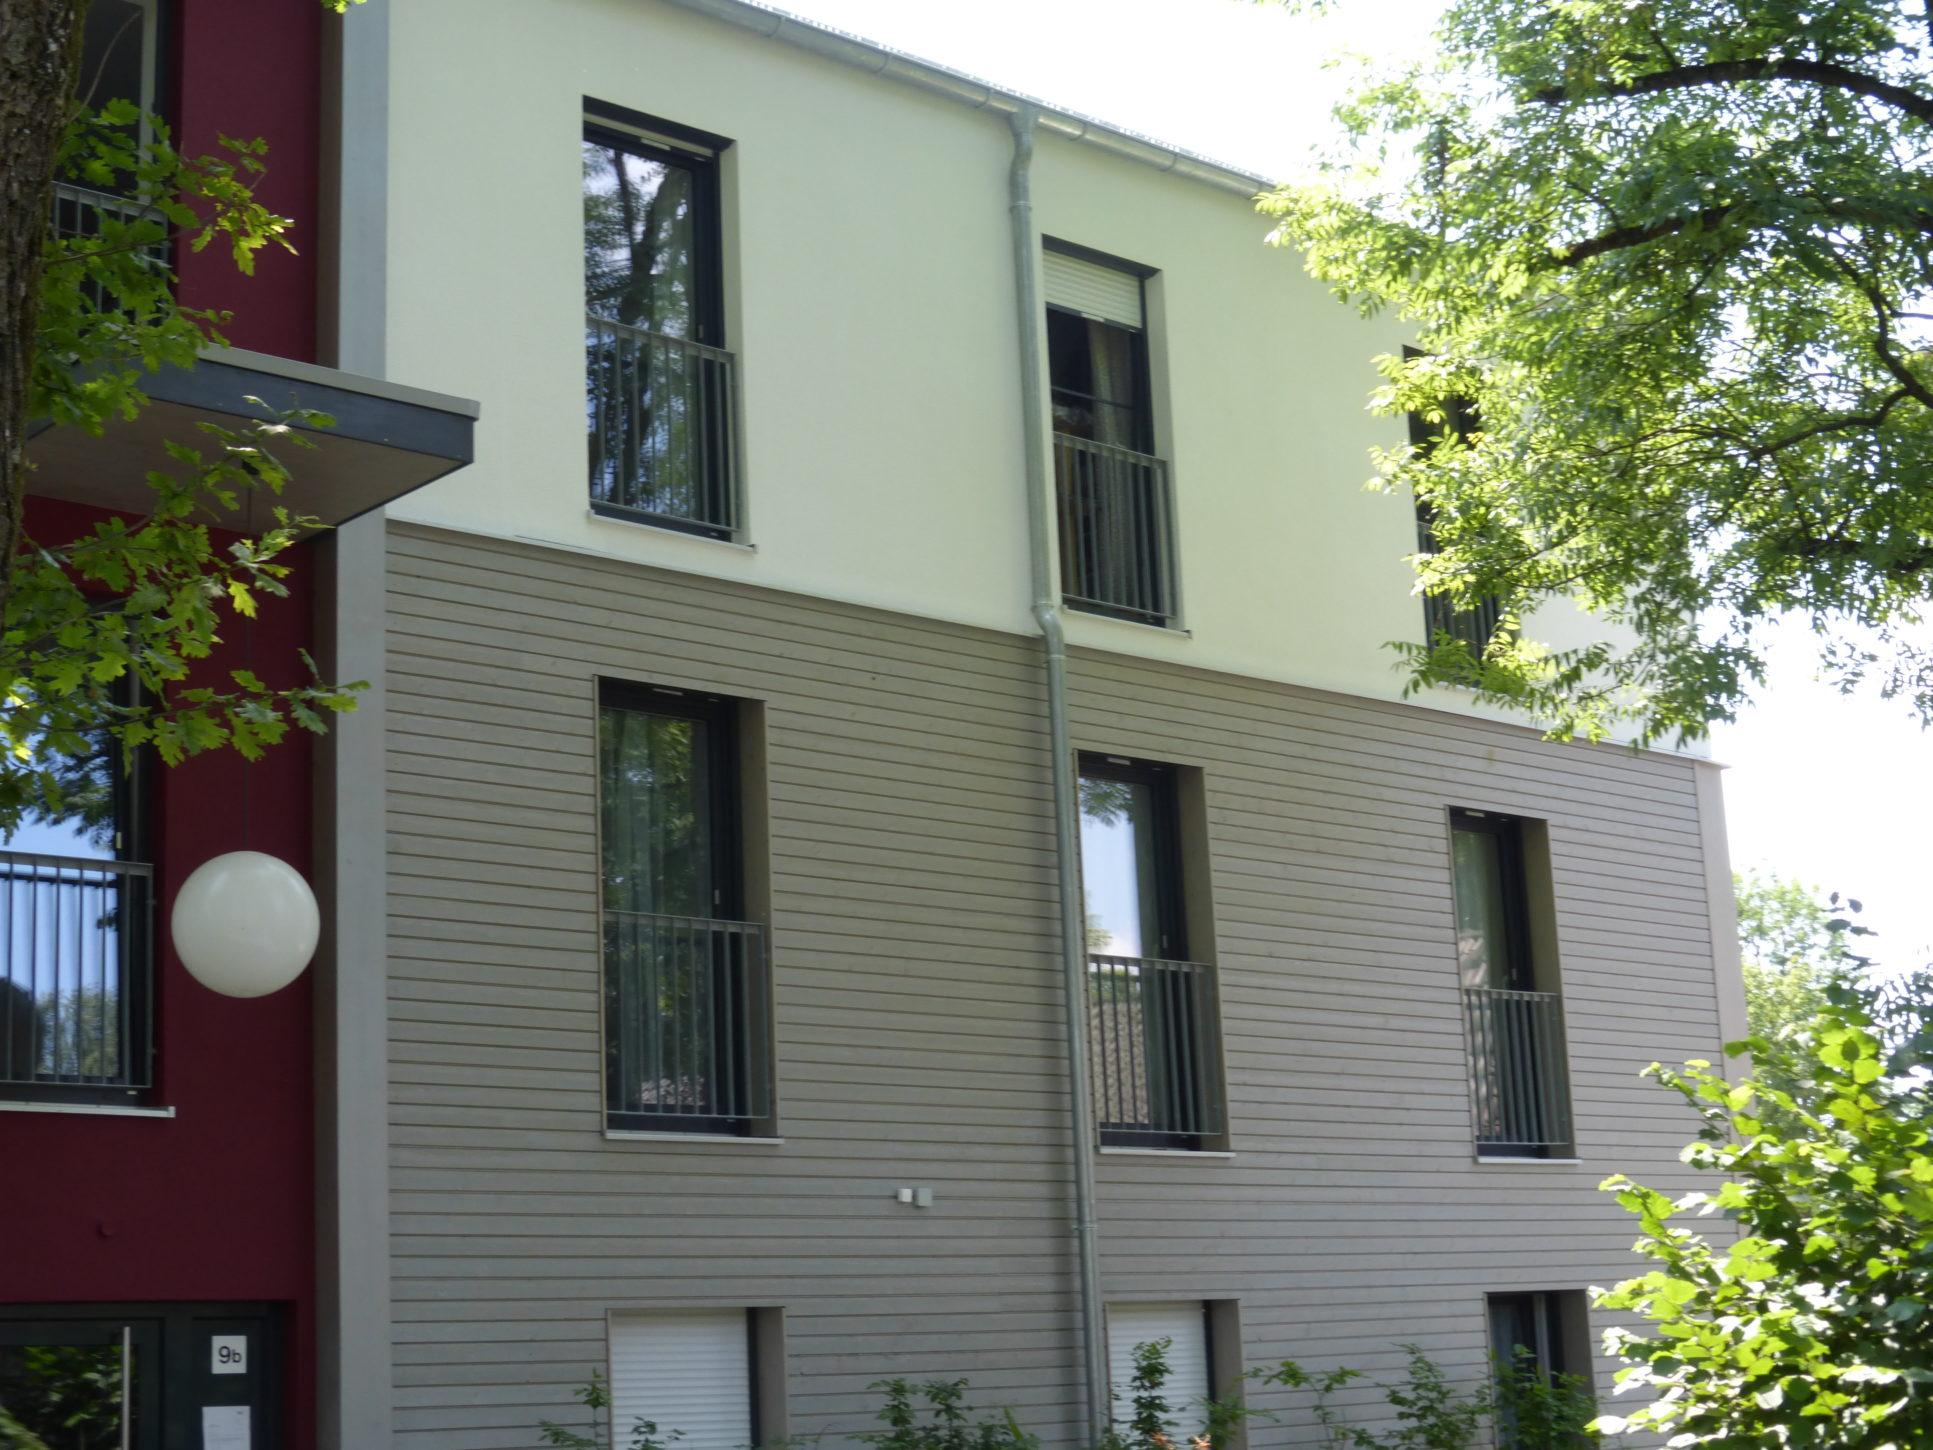 energieeffizienz beim haus bauen leicht gemacht plusenergiehaus. Black Bedroom Furniture Sets. Home Design Ideas